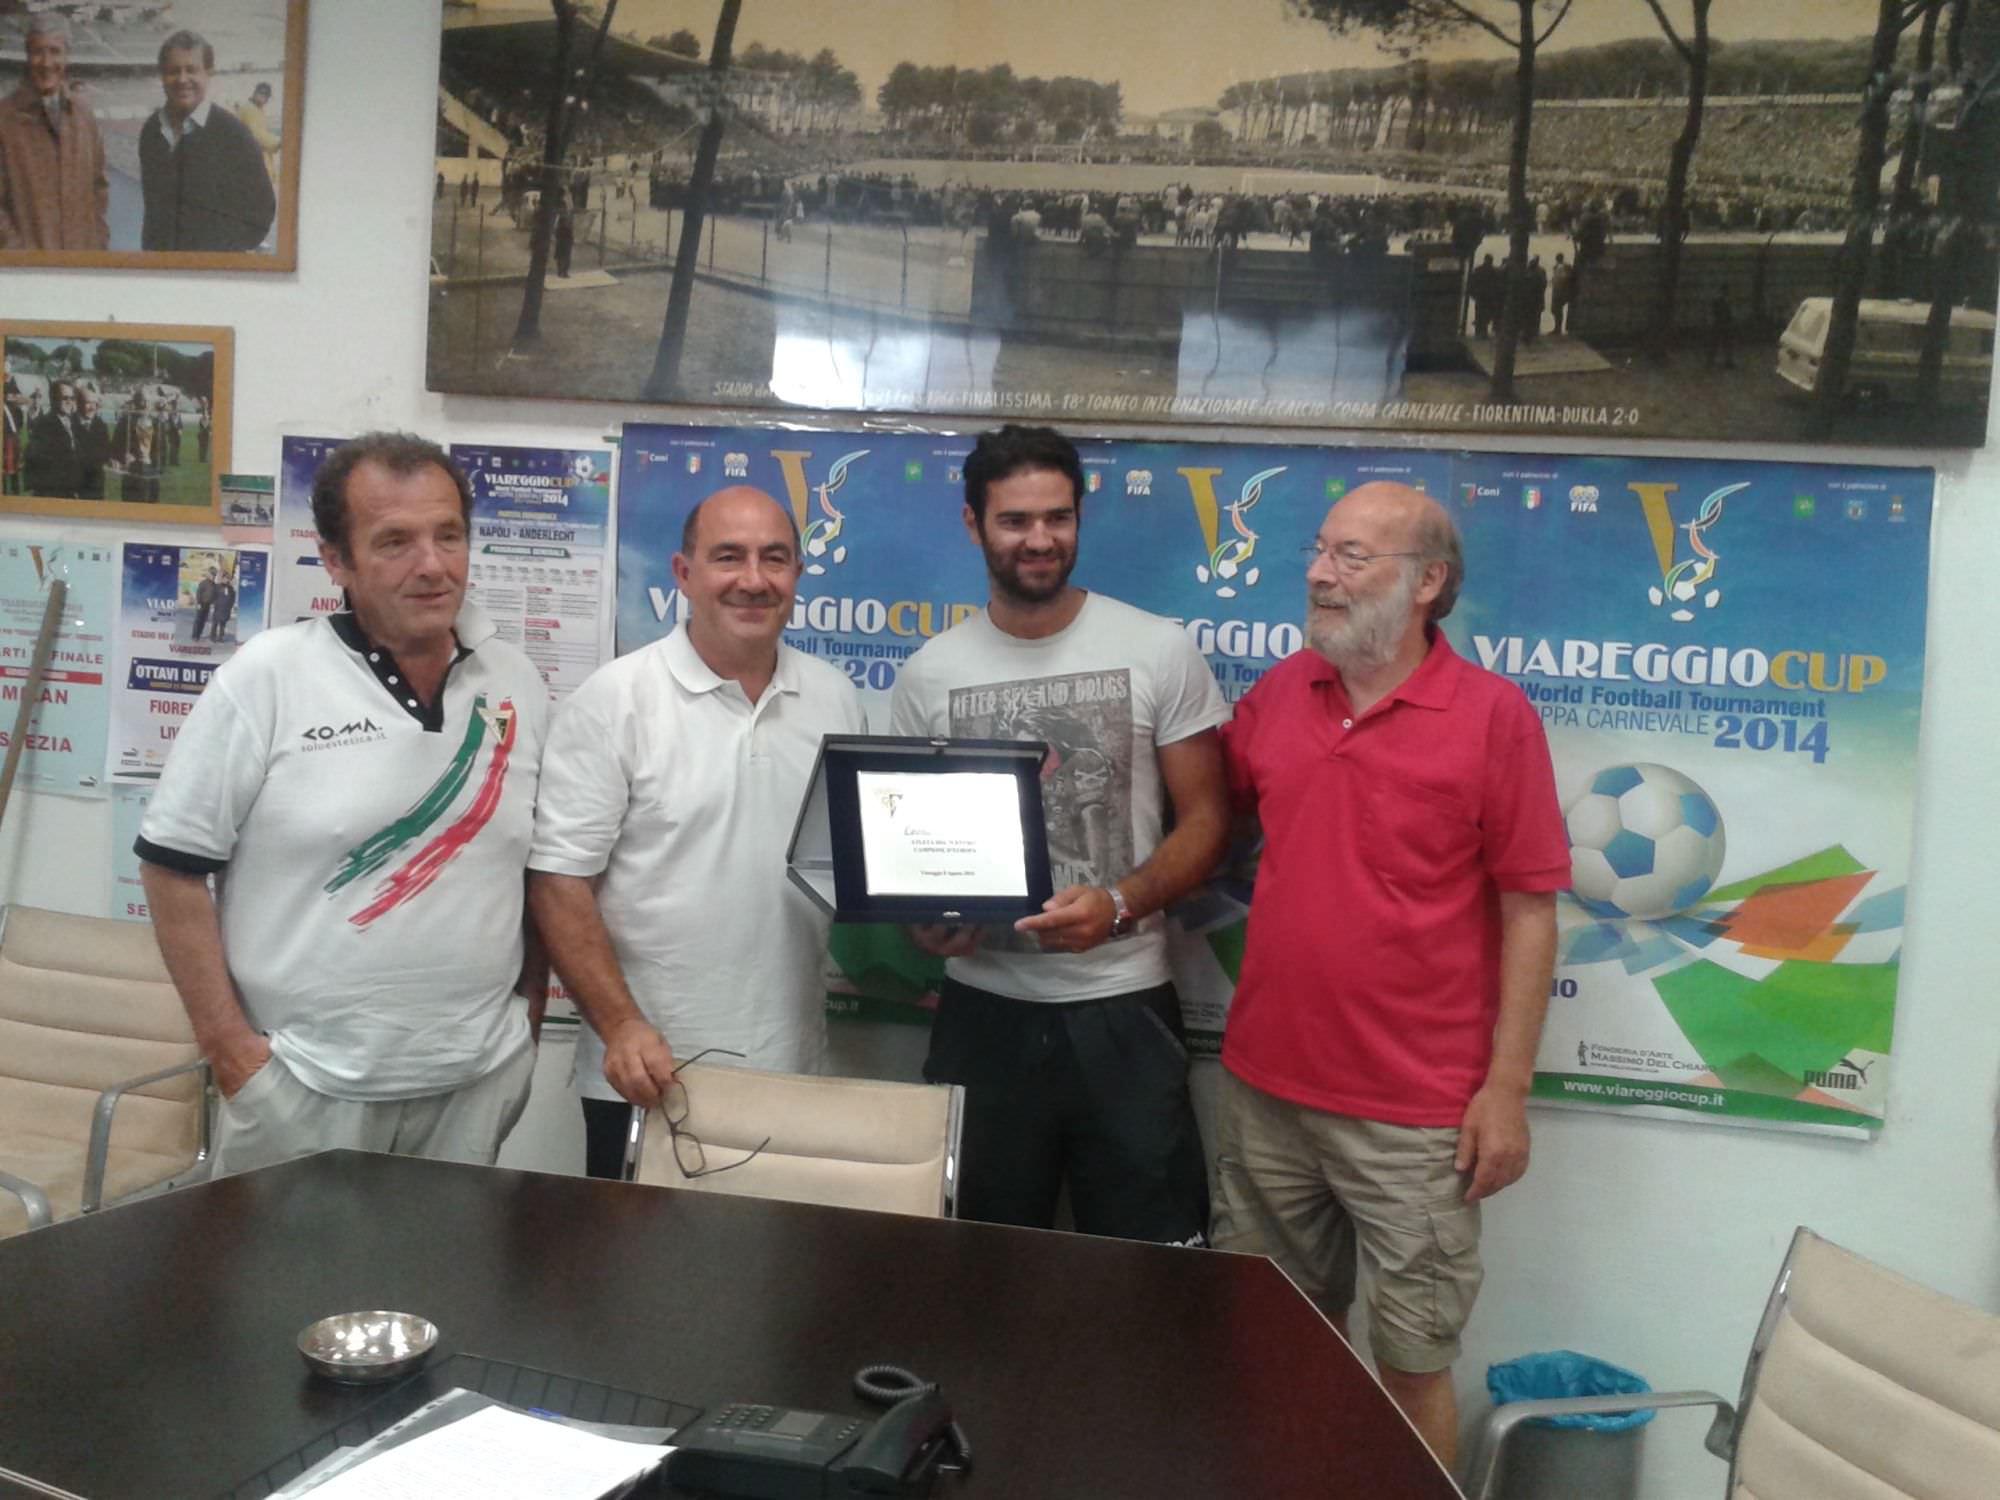 Il Cgc consegna una targa a Barozzi per il trionfo europeo con la Nazionale